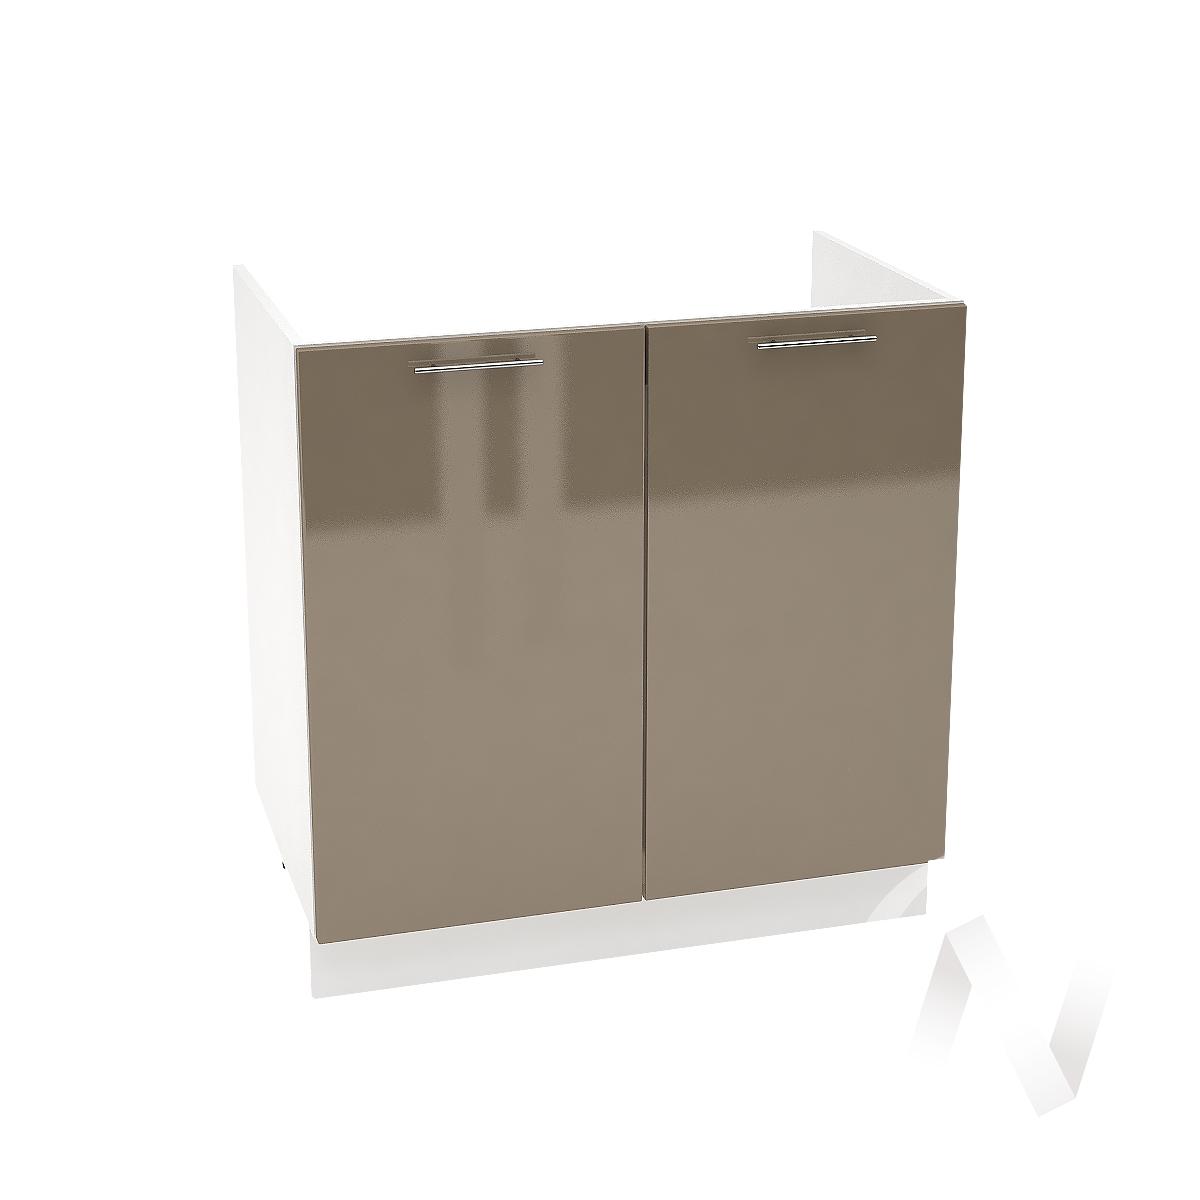 """Кухня """"Валерия-М"""": Шкаф нижний под мойку 800, ШНМ 800 новый (Капучино глянец/корпус белый)"""